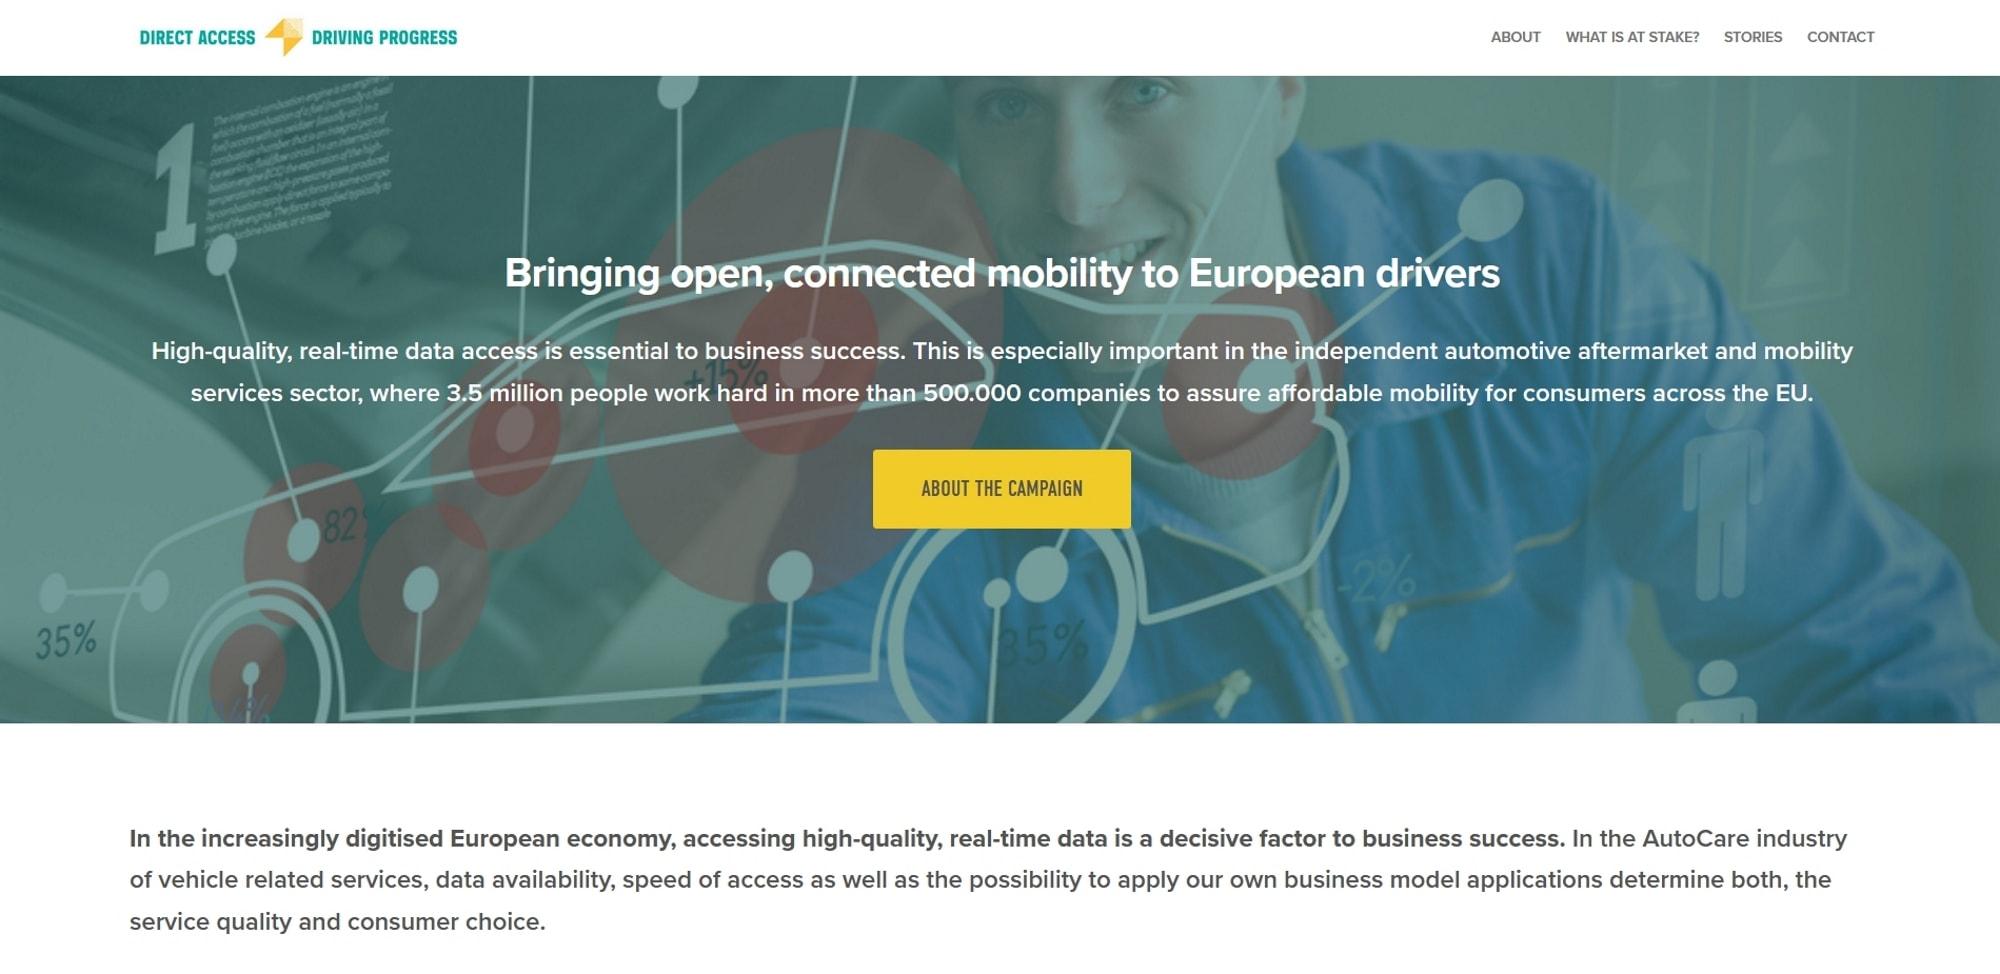 CETRAA apoya la campaña Direct Access - Driving Progress